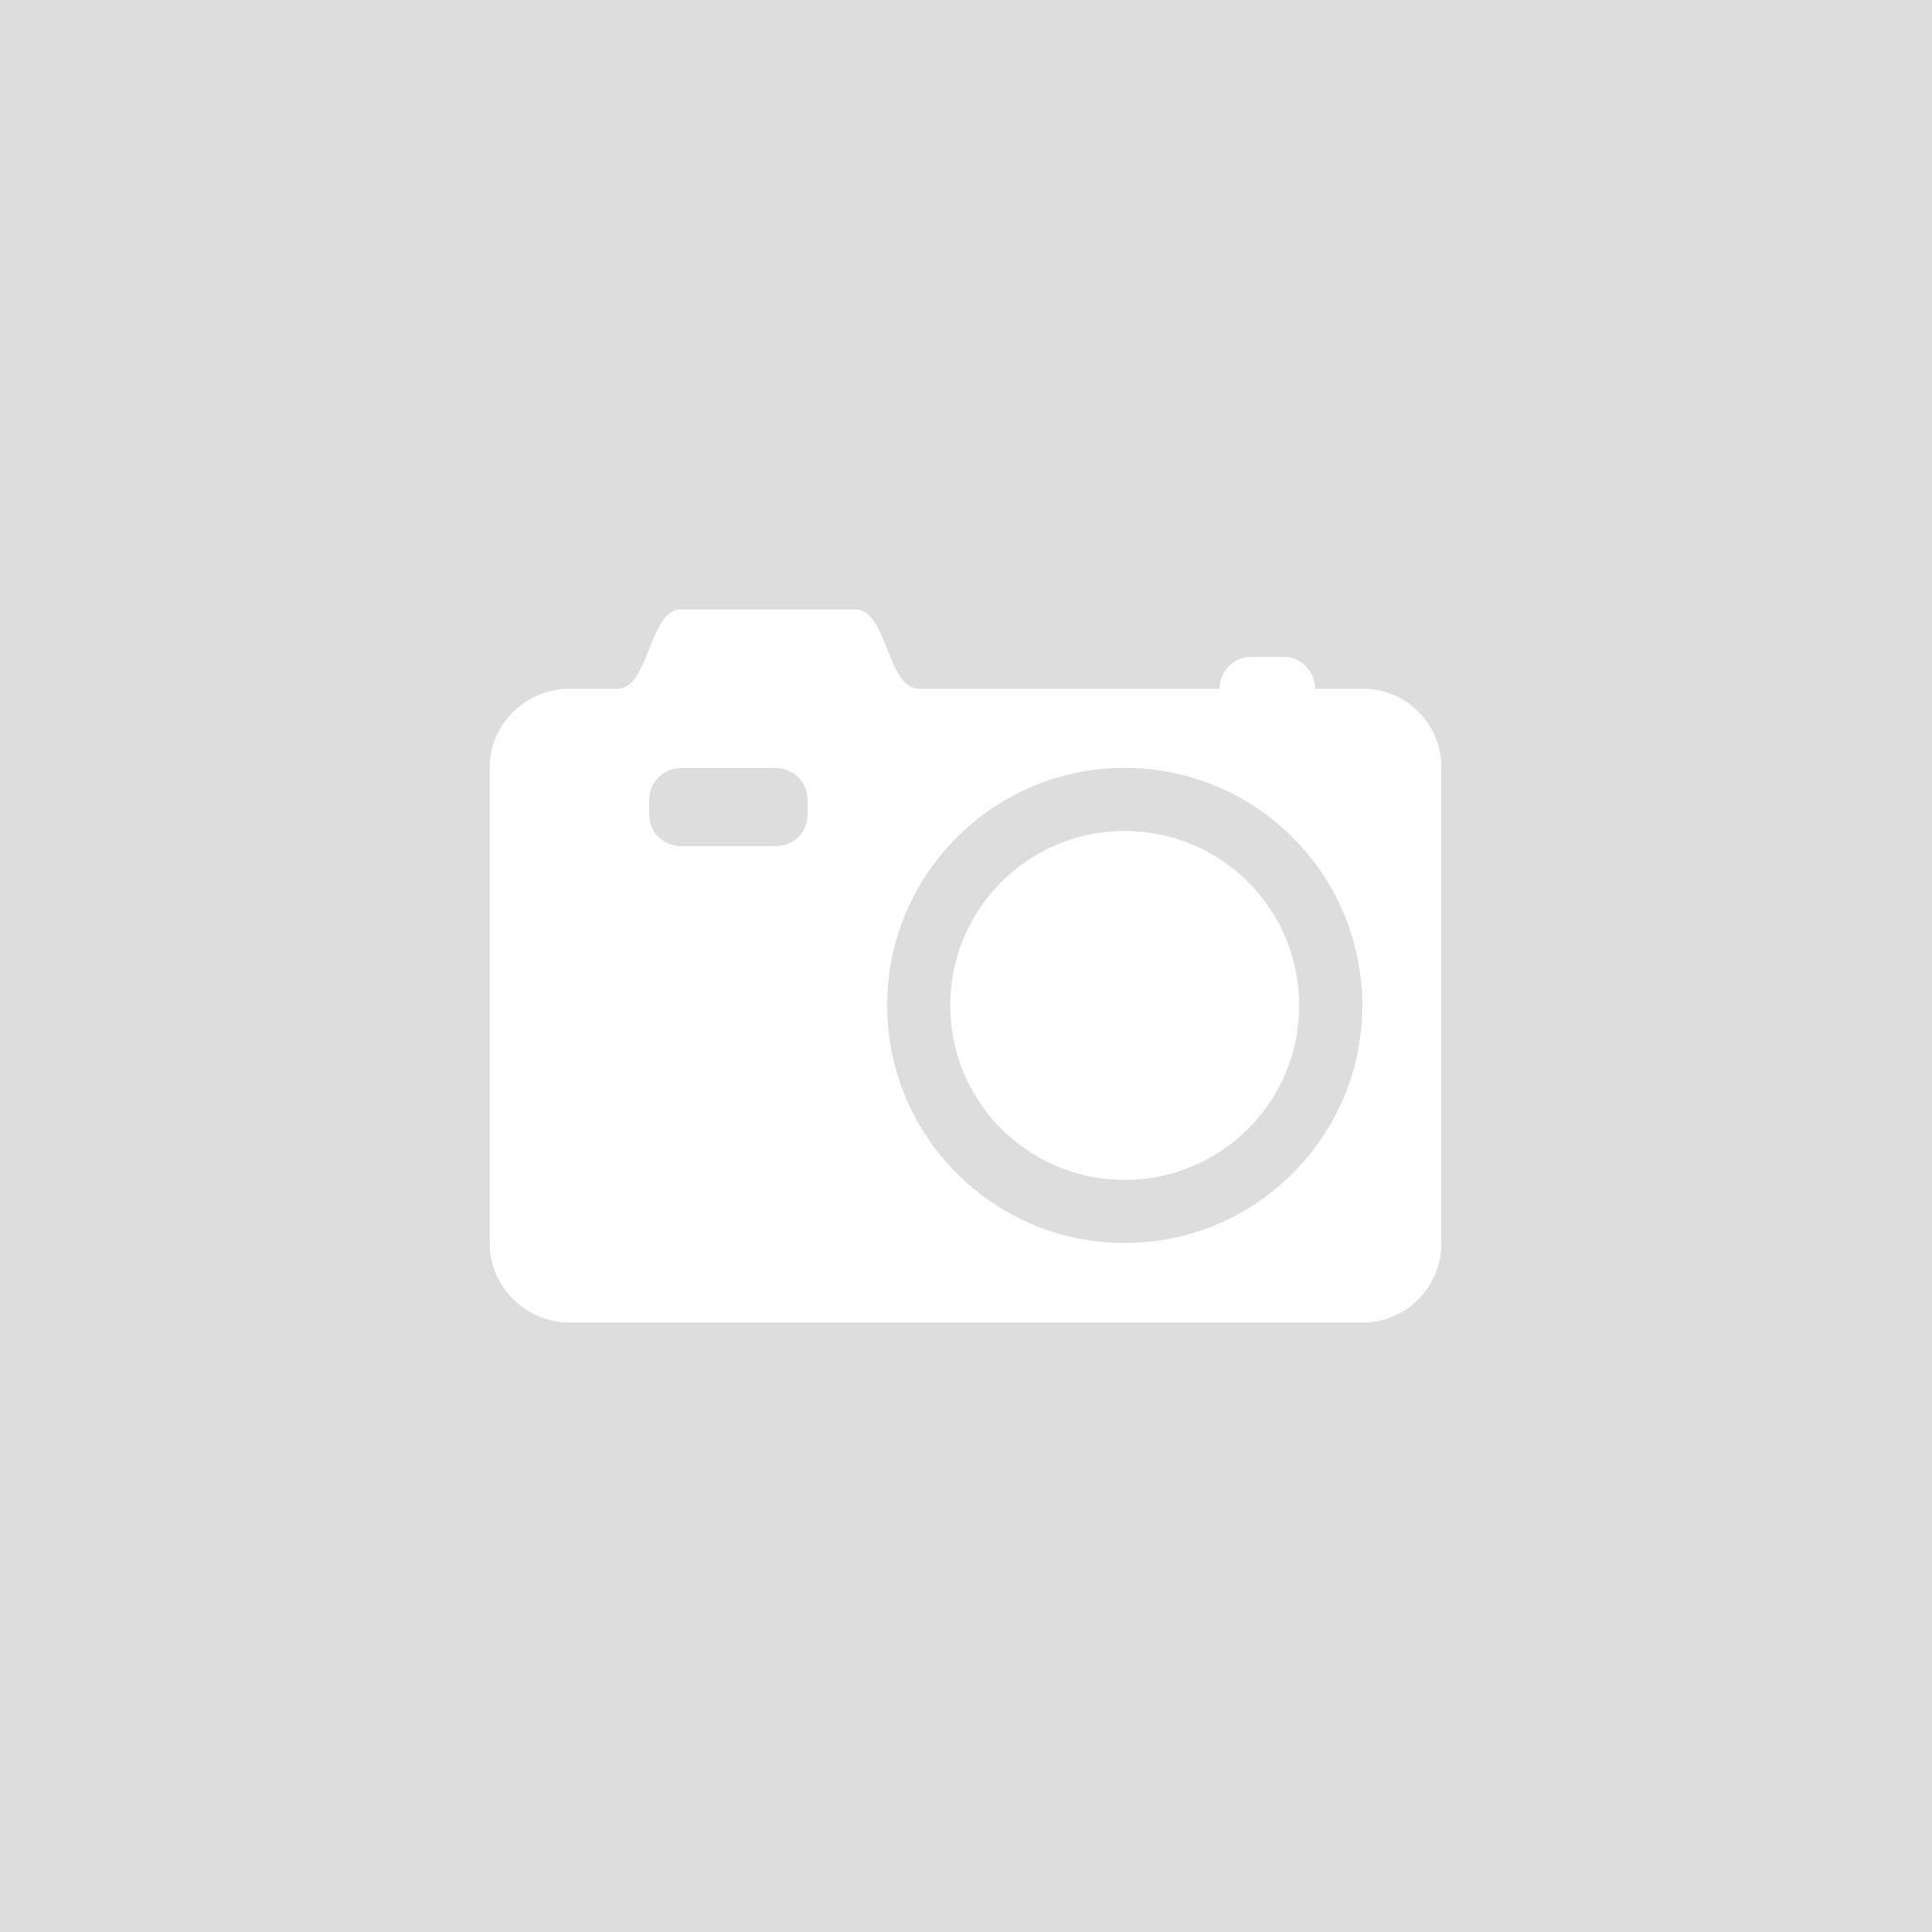 Shaggy Plait Textured Cushion in Aqua by CIMC